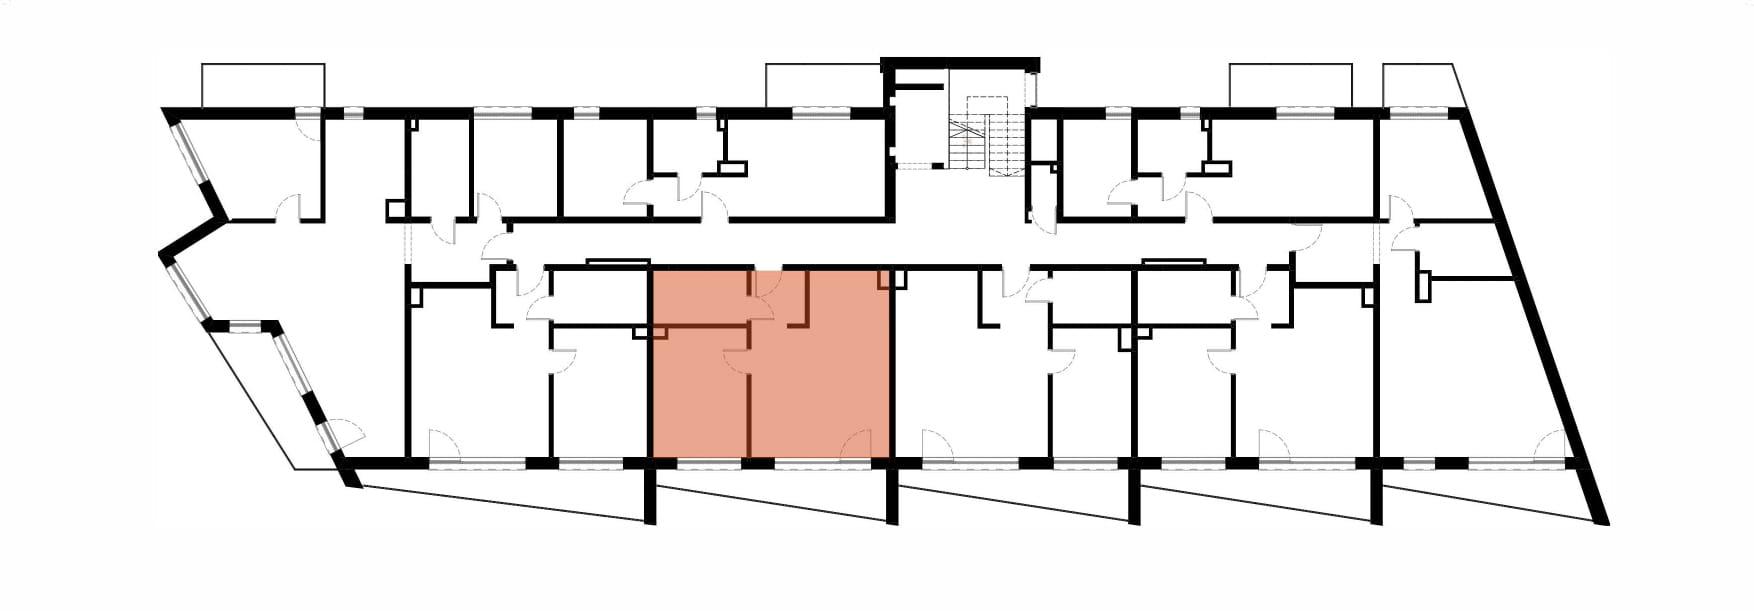 Apartamenty Kamienna / apartamenty inwestycyjne M12 rzut 2